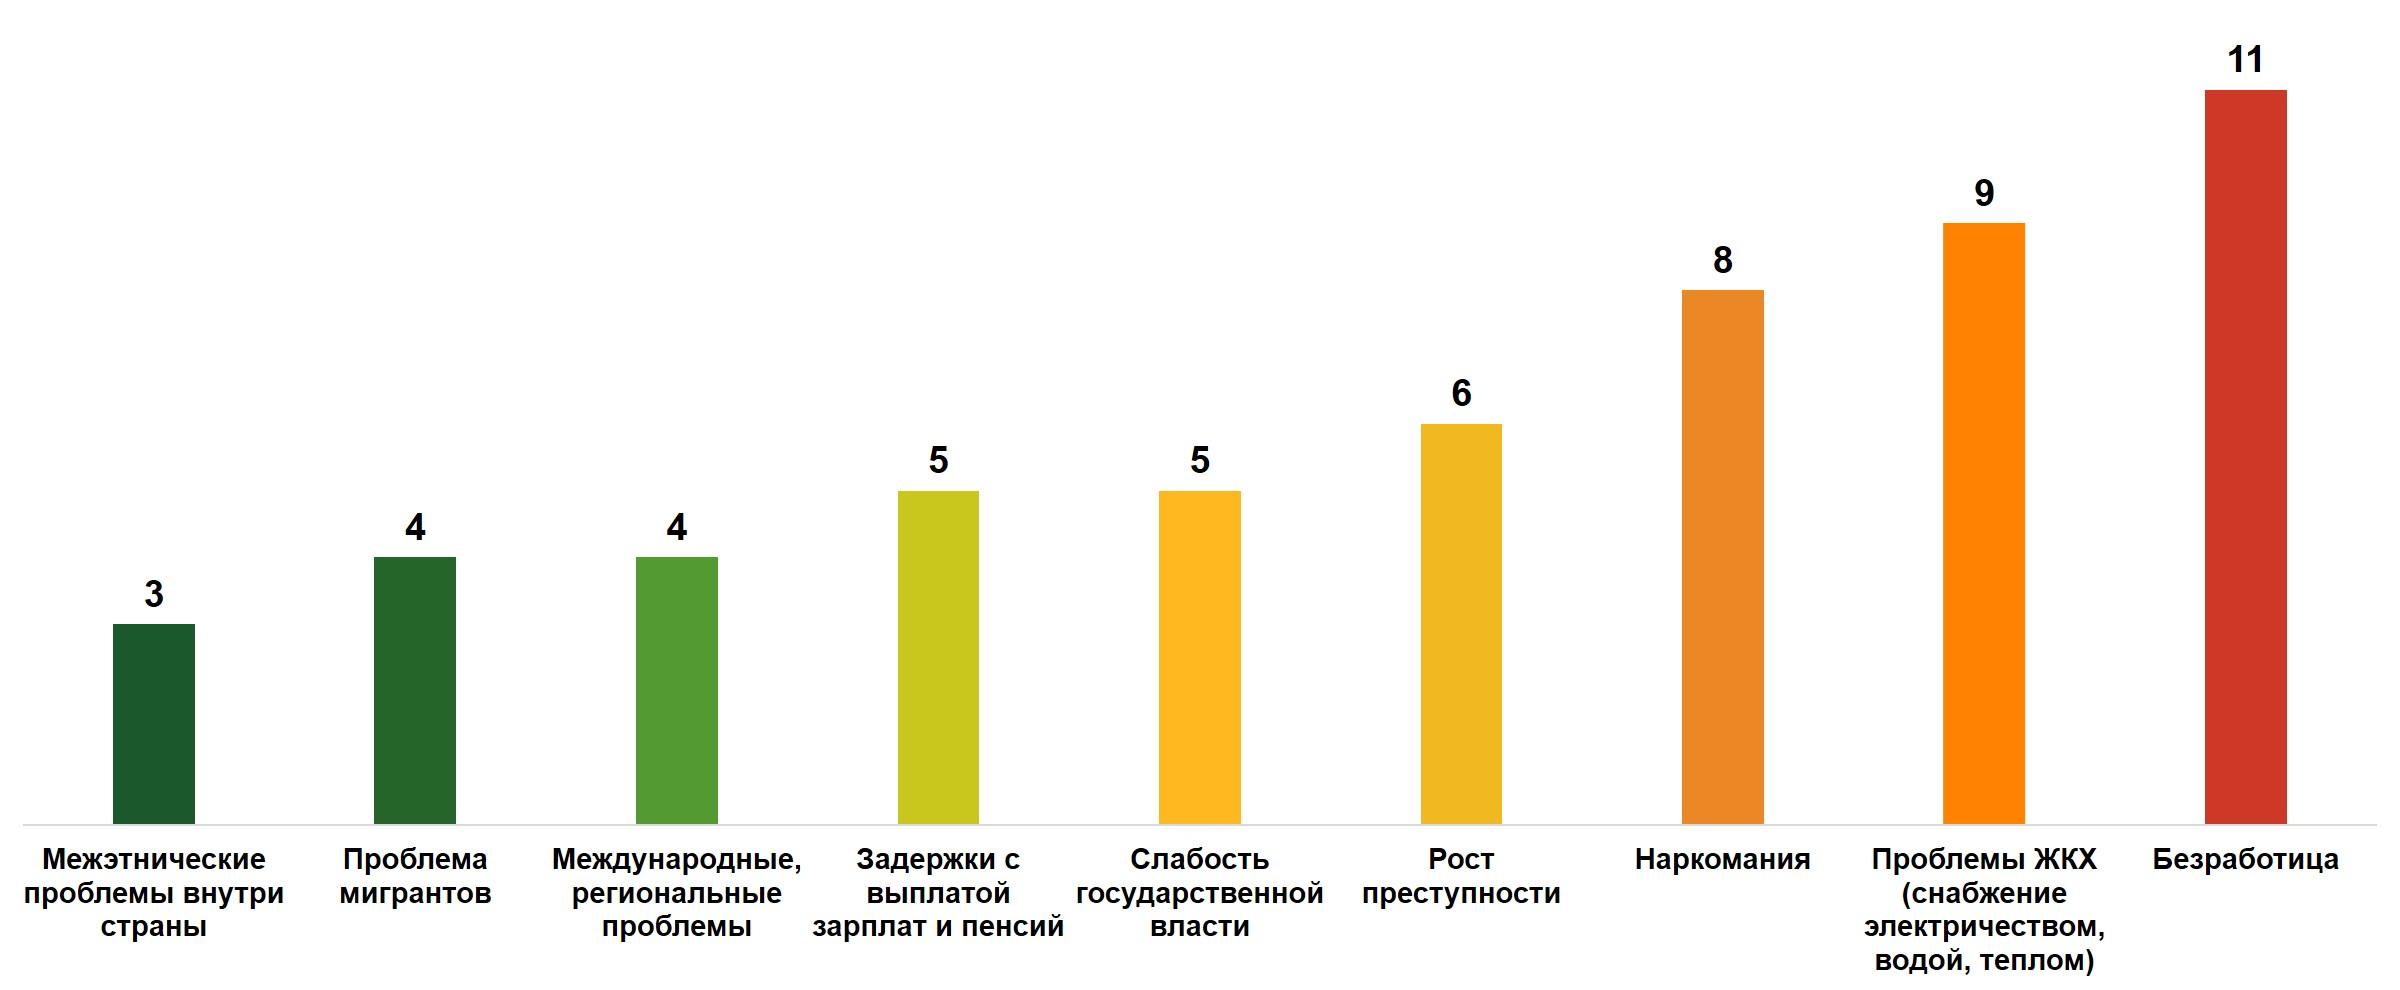 Нищета и низкие зарплаты   такими видят основные проблемы России граждане великой страны